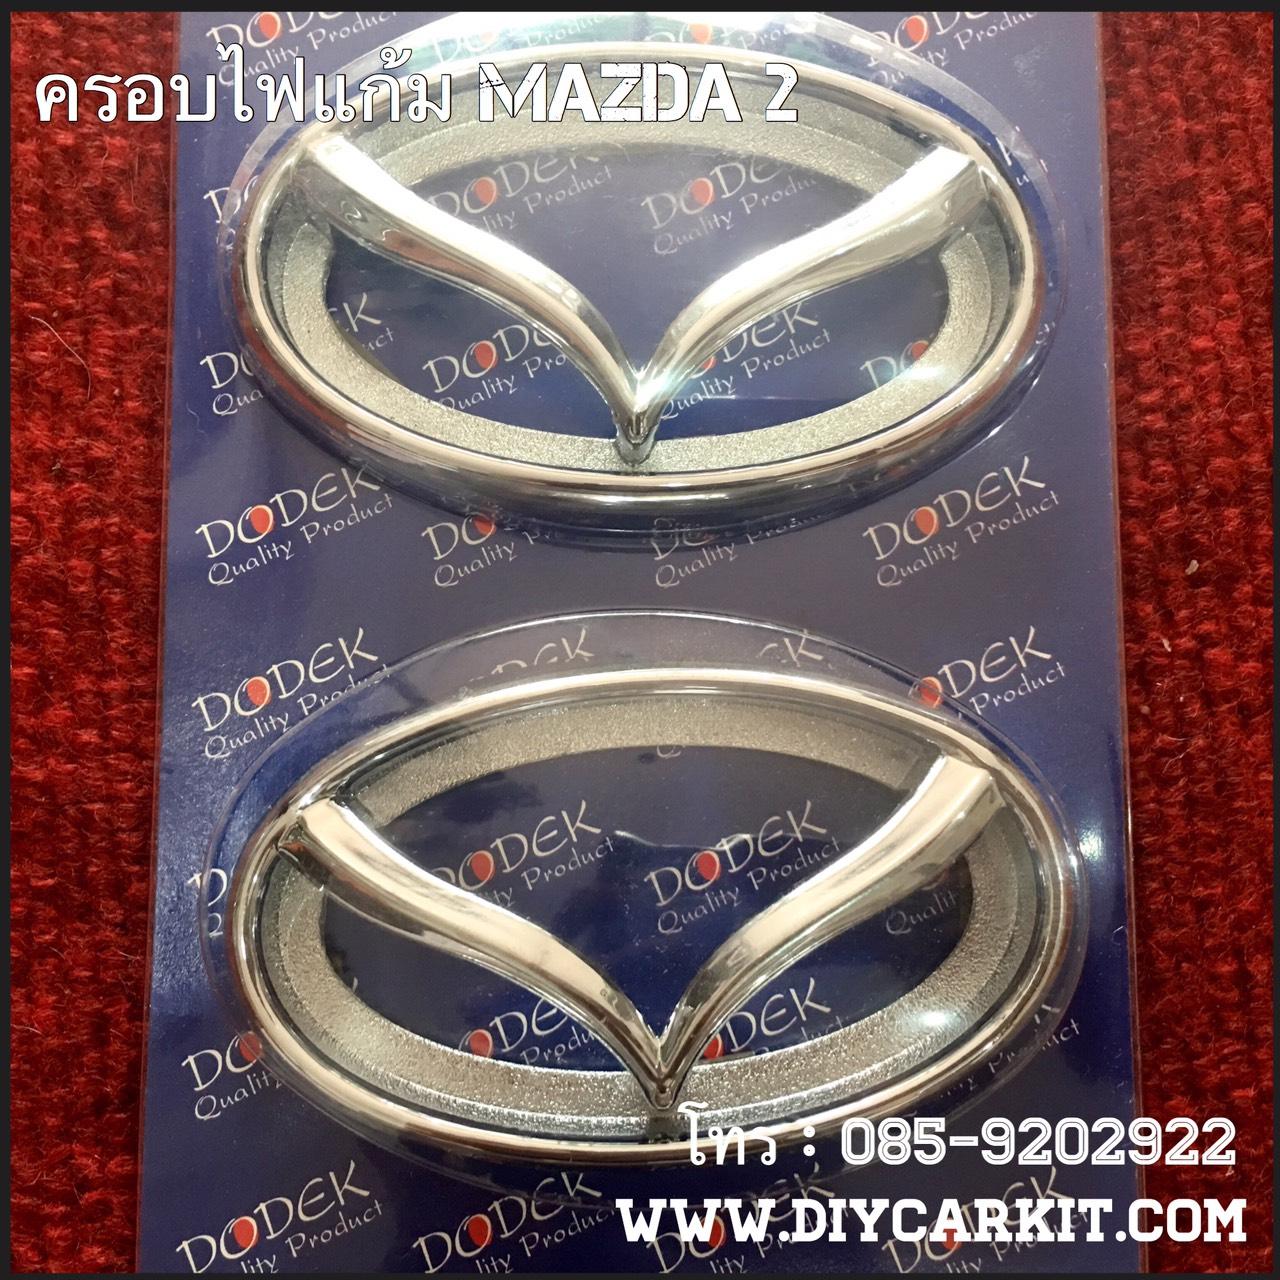 ครอบไฟแก้ม Mazda2